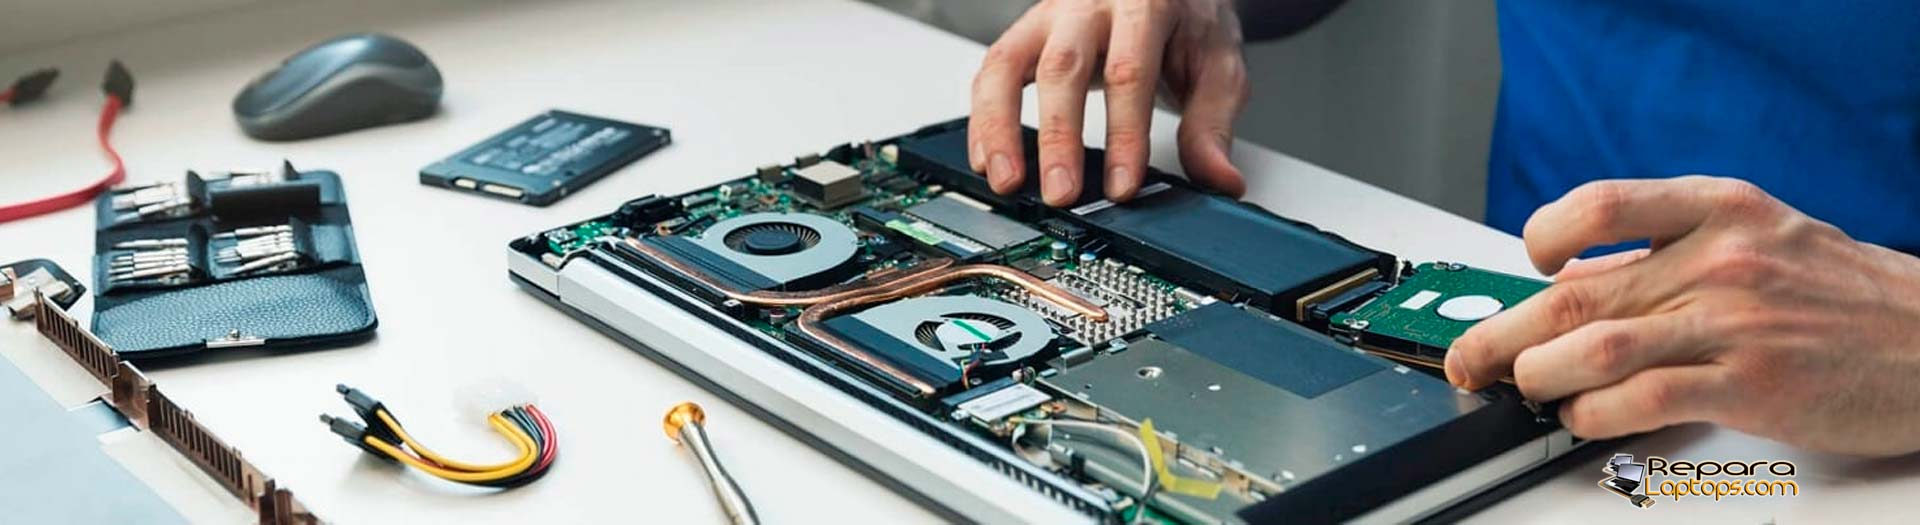 HP Dell Acer Toshiba Lenovo Asus Hewlett Packard Reparacion Repuestos Servicio Tecnico Computadoras Laptops Portatiles MAC